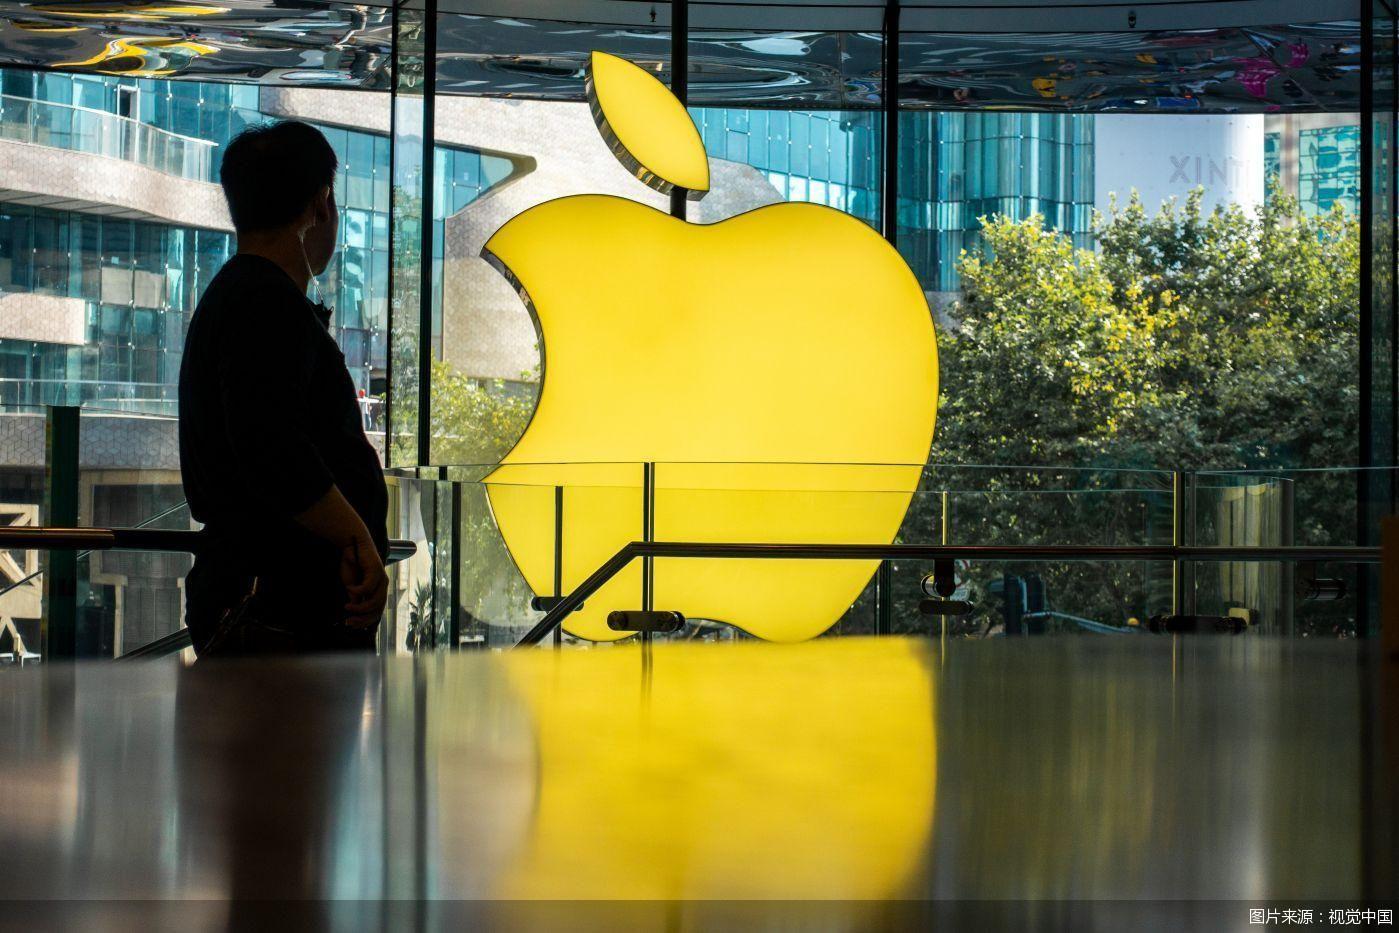 自研芯片亮相 苹果正式分手英特尔